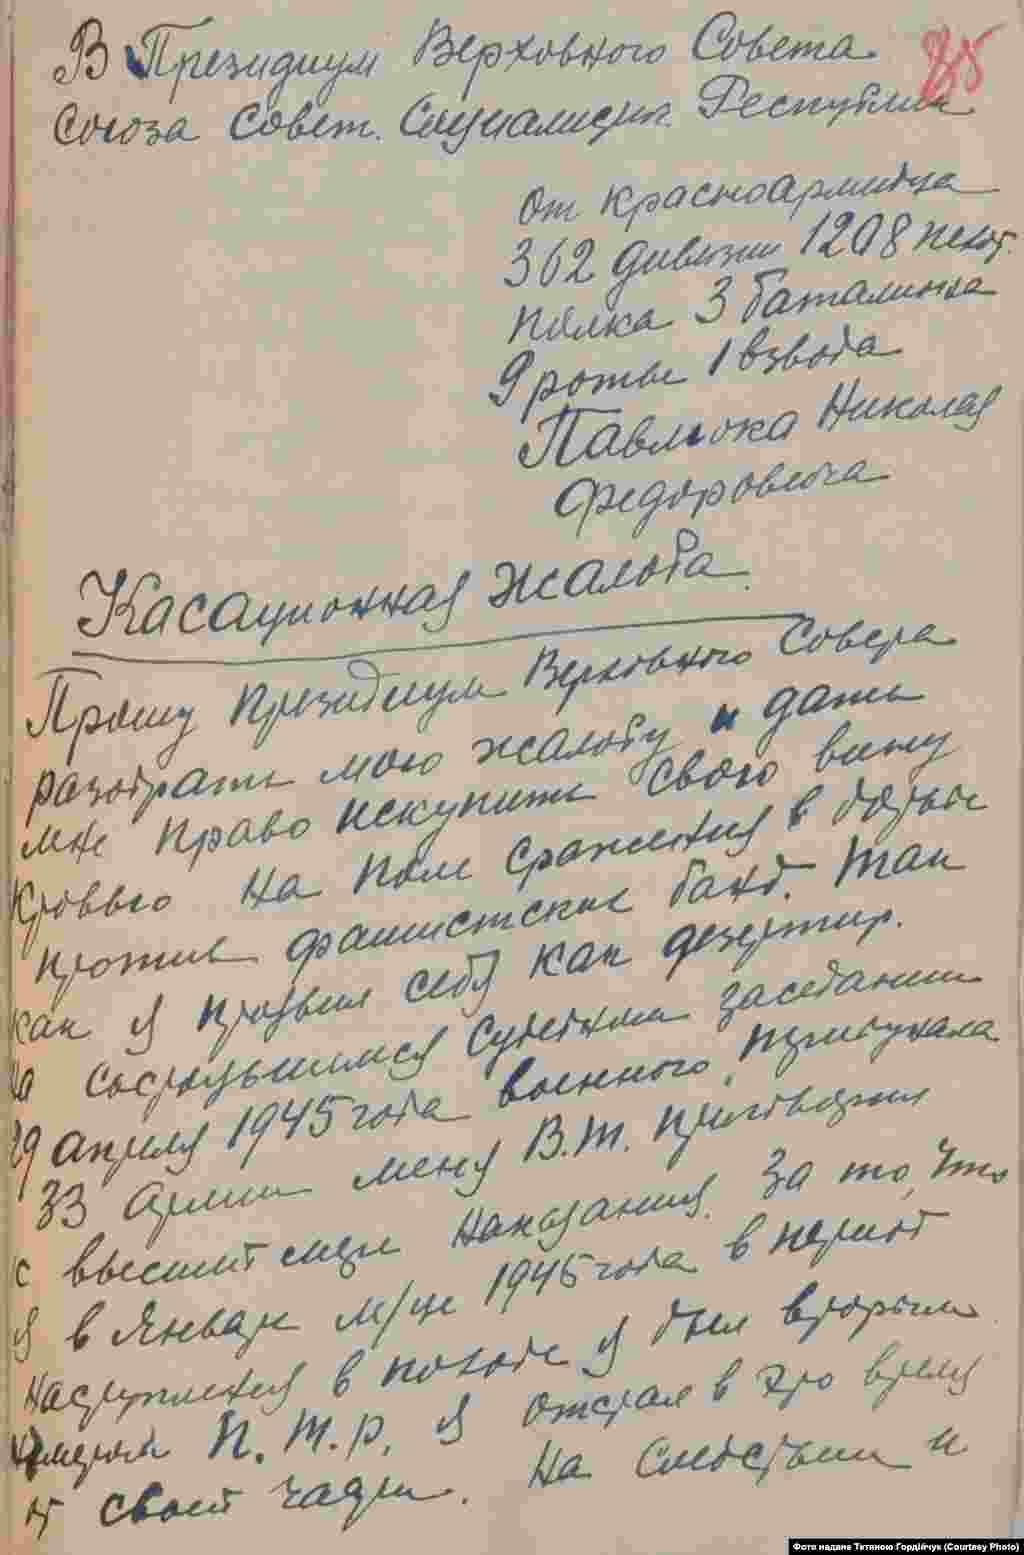 Касаційна скарга Миколи Павлюка